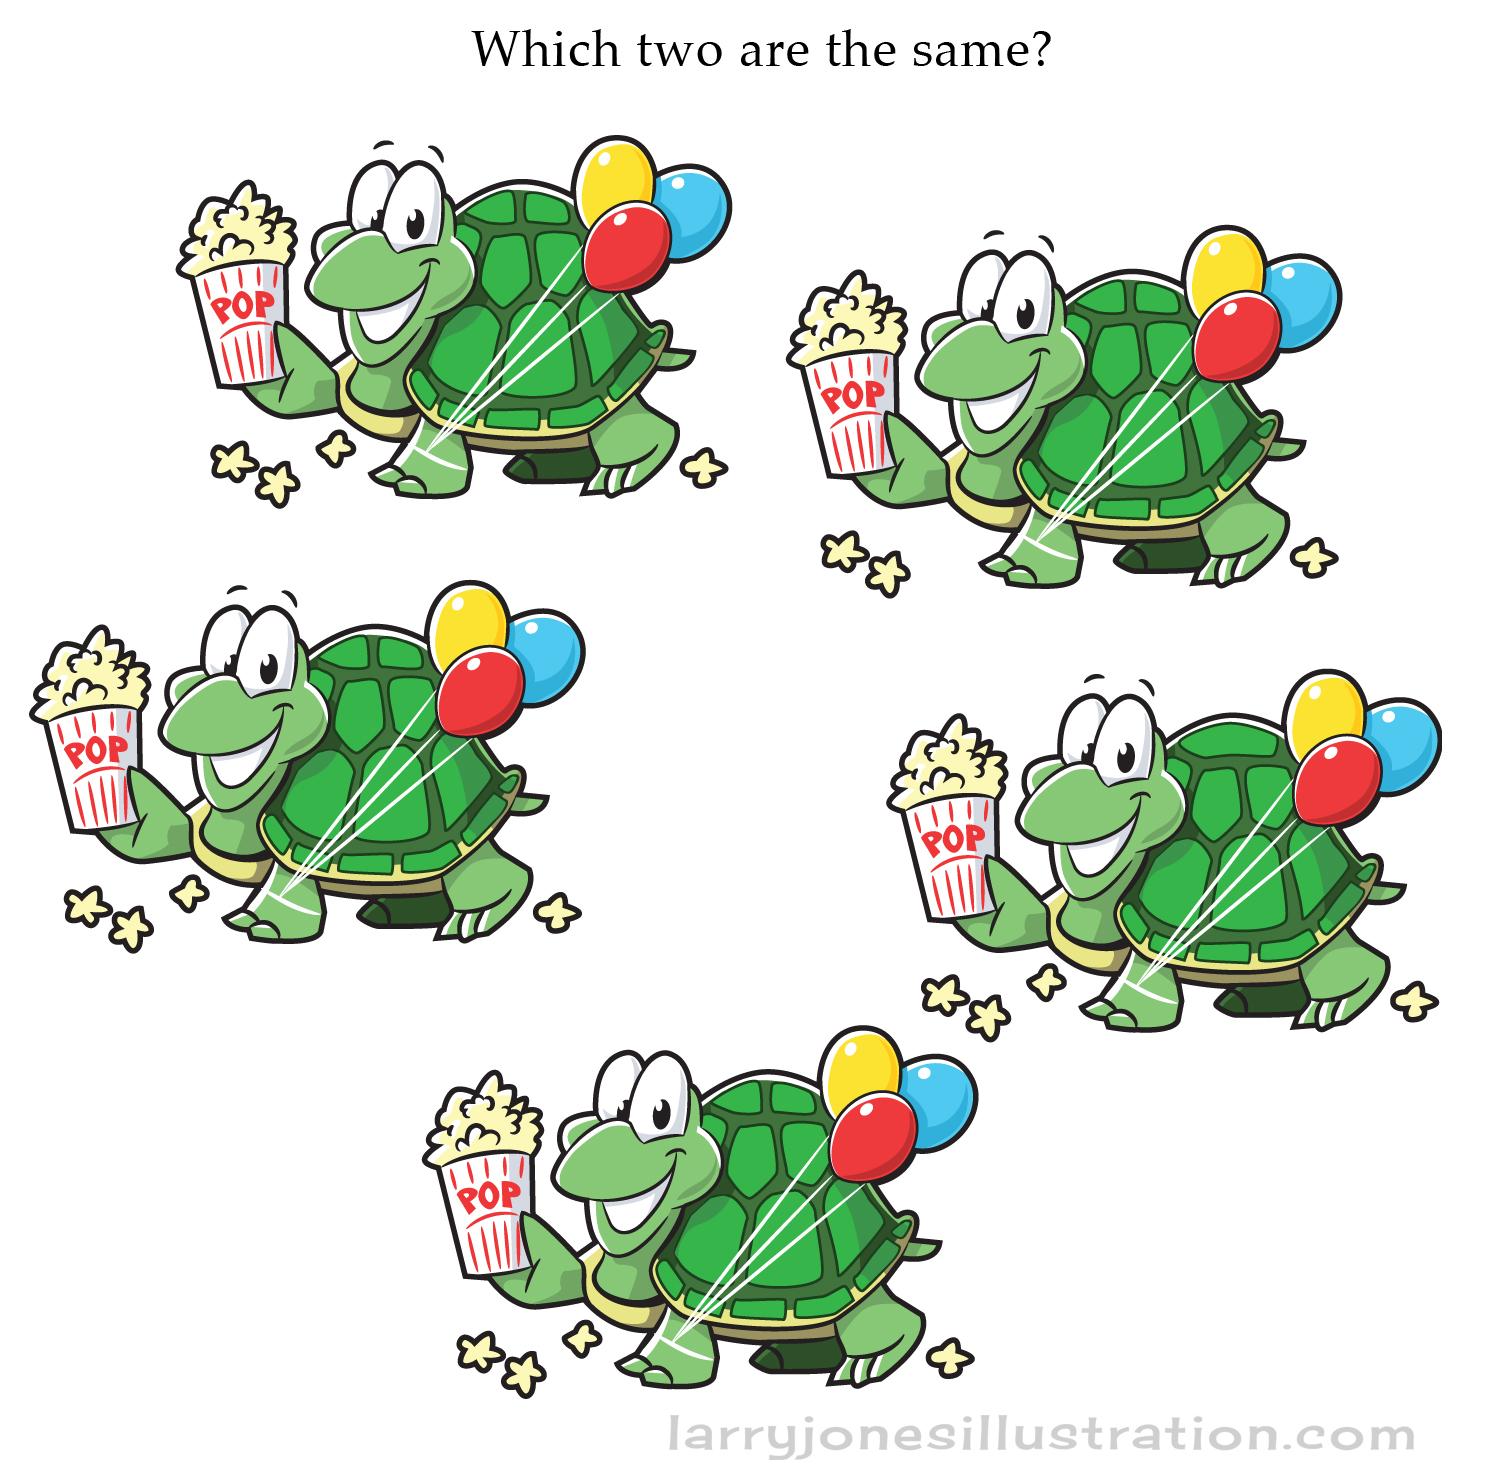 turtle-activity-illustration.jpg